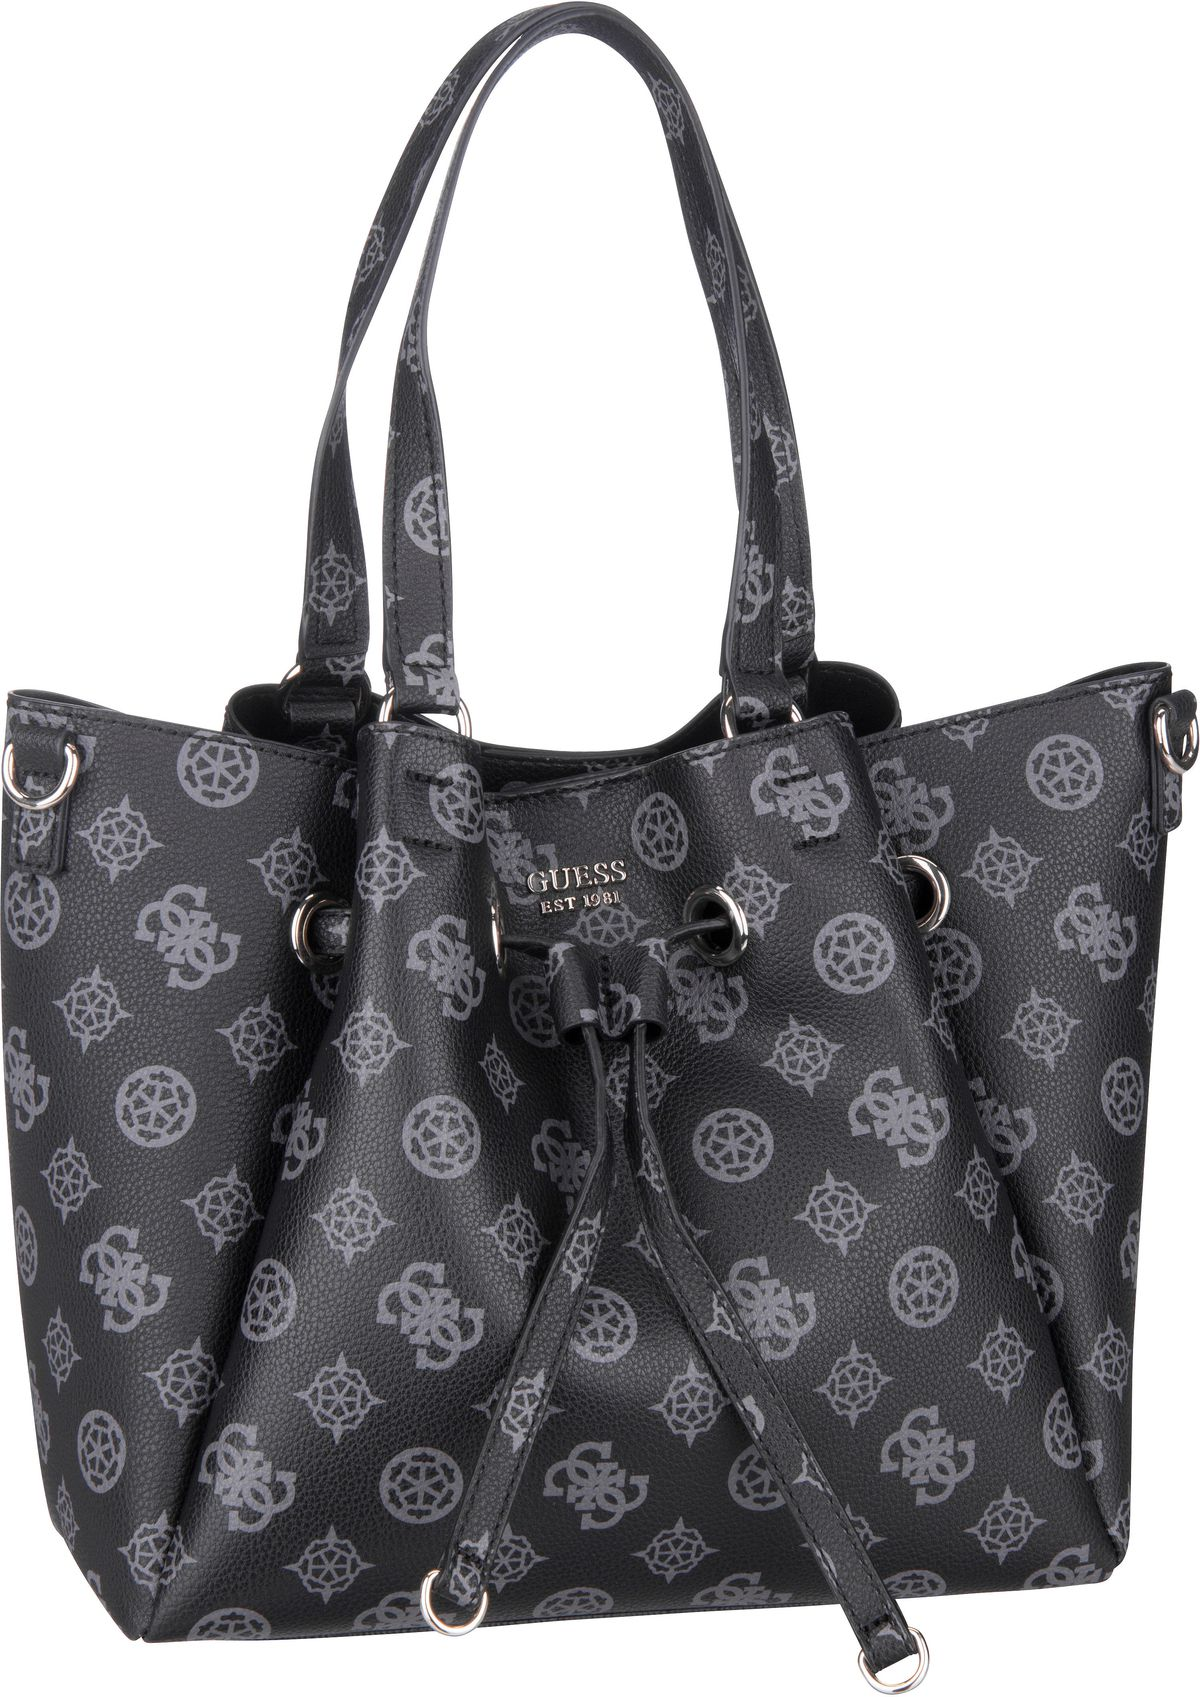 Handtasche Digital Drawstring Bag SP Black